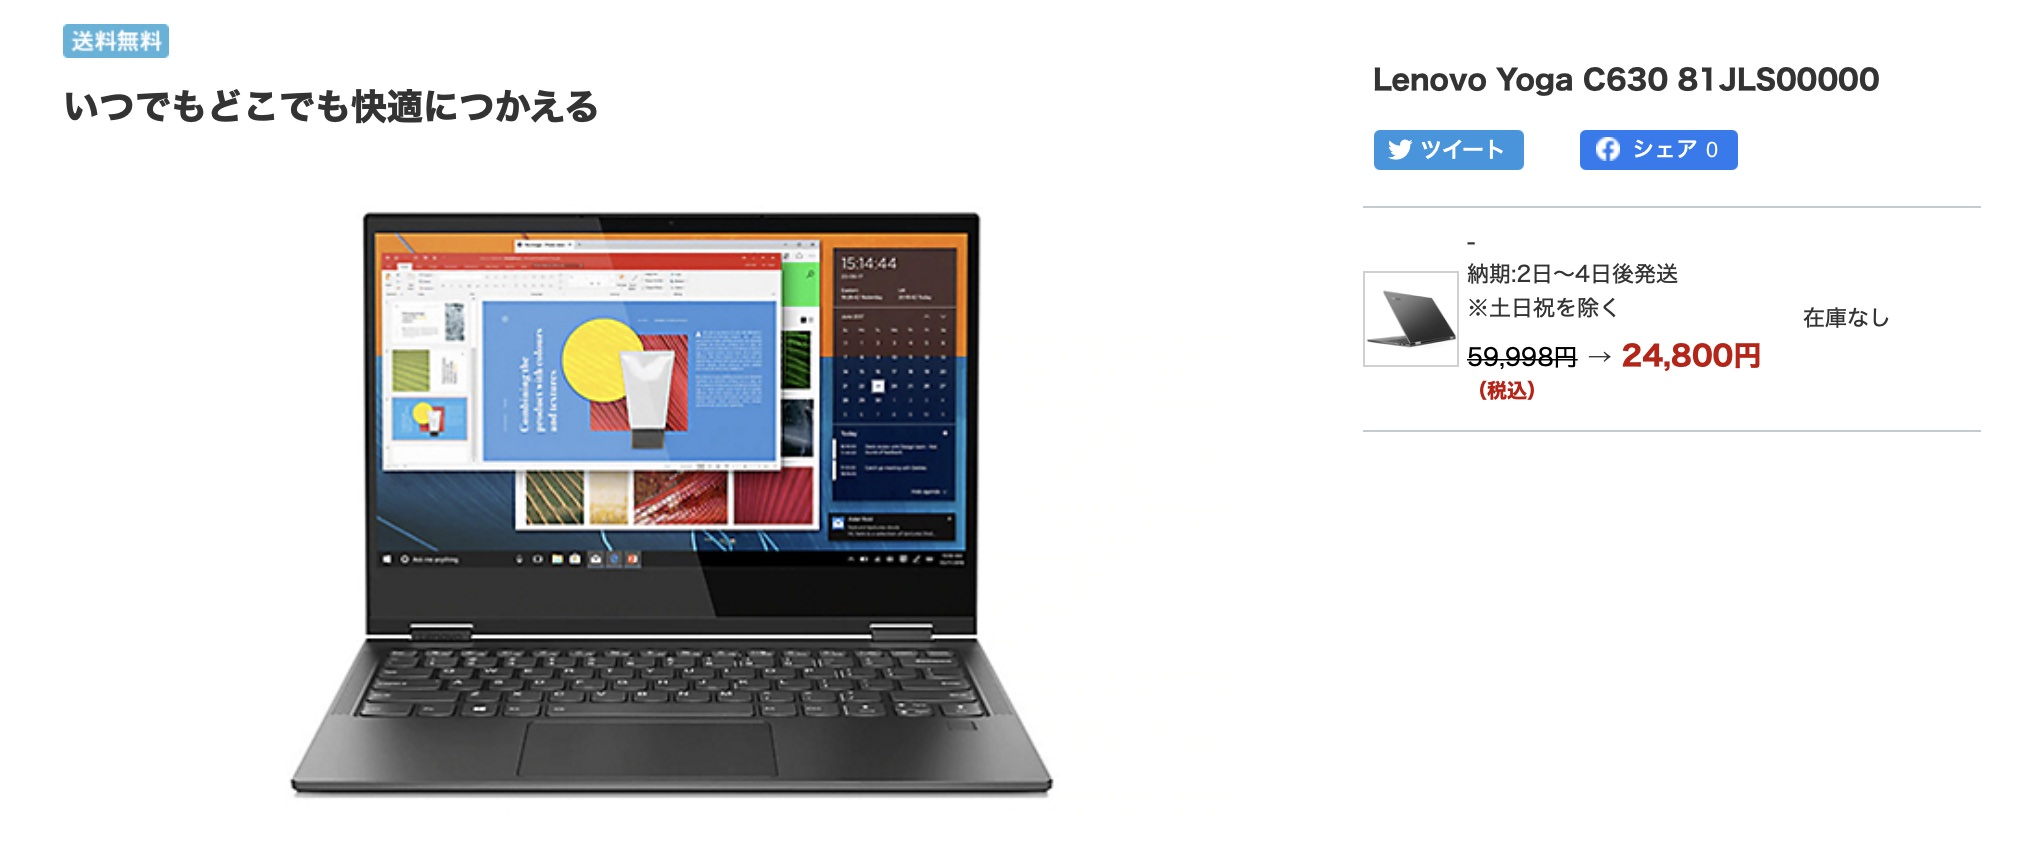 Yoga C630はソフトバンクオンラインショップで在庫切れ